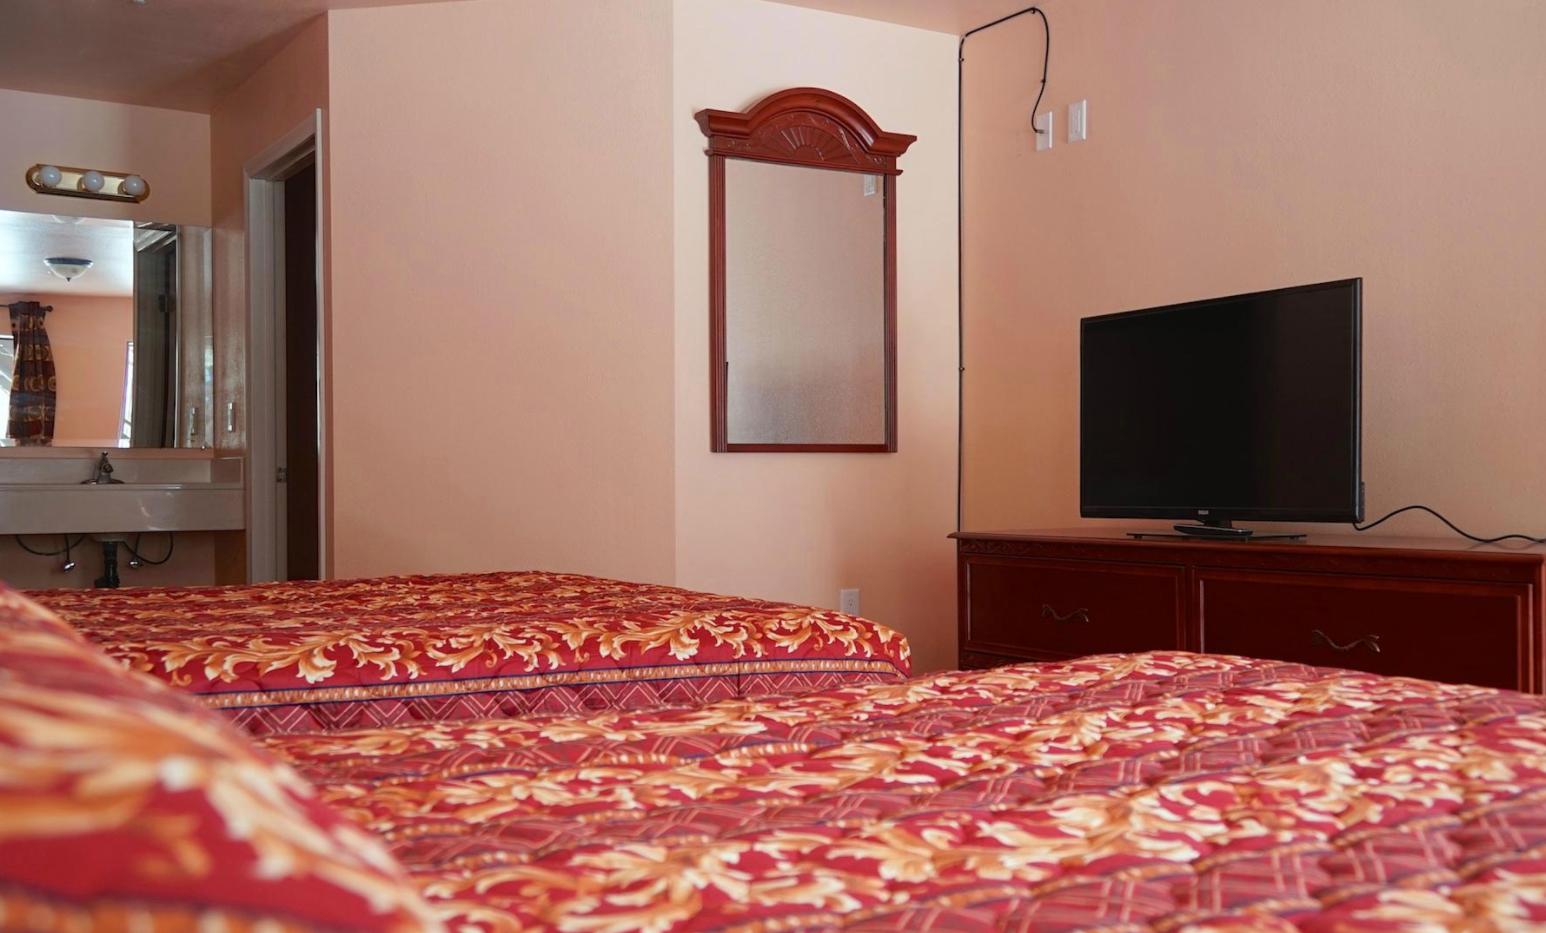 Motel Room Interior